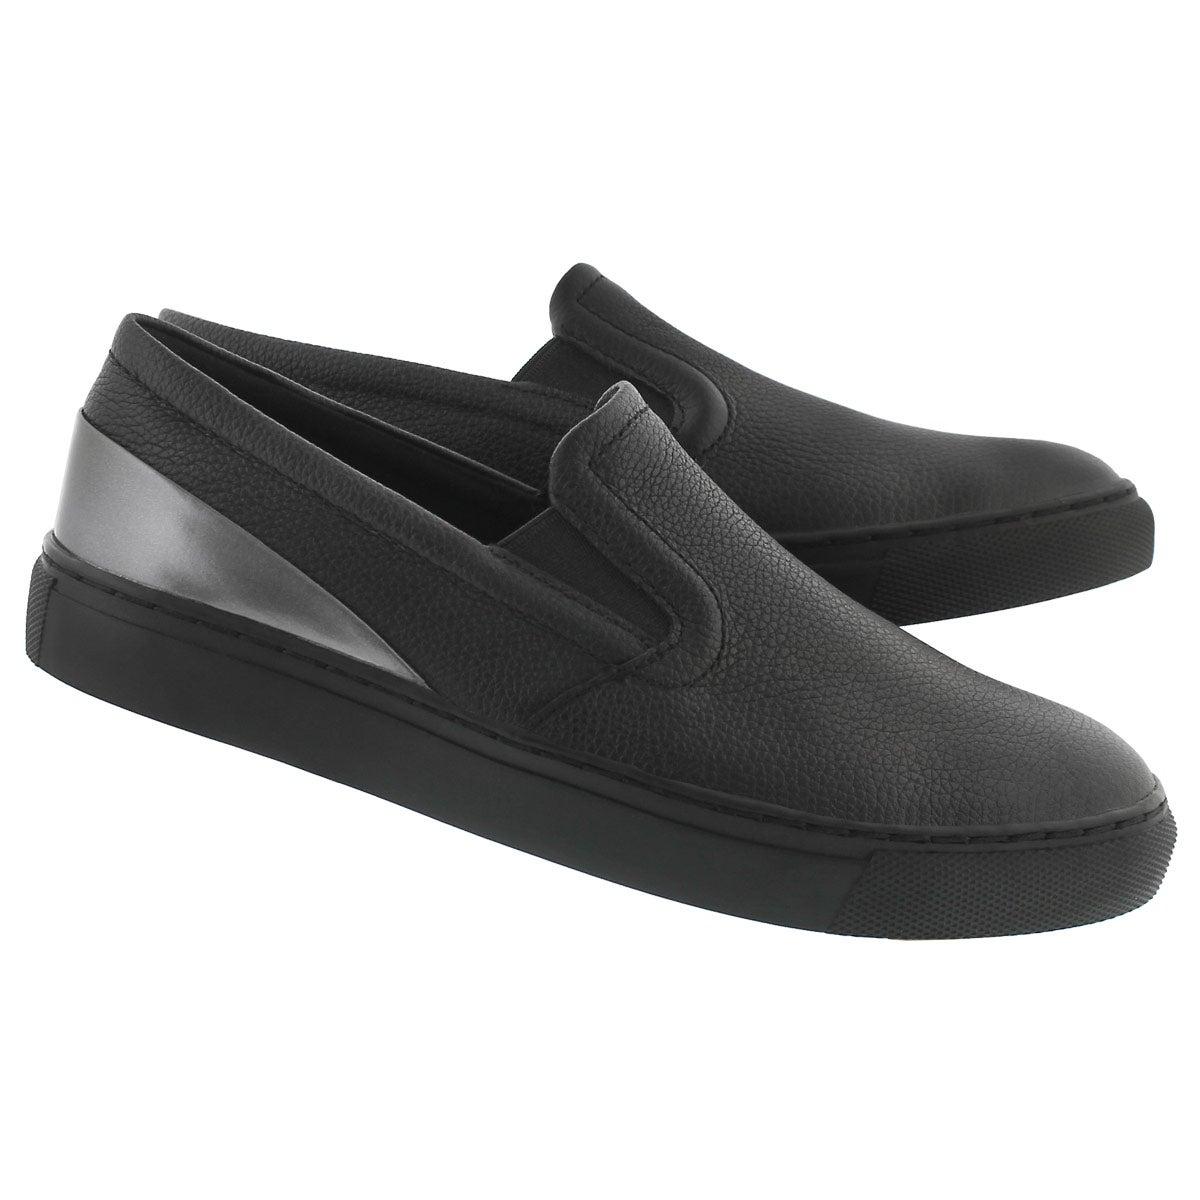 Lds Flip black waterproof slip on shoe